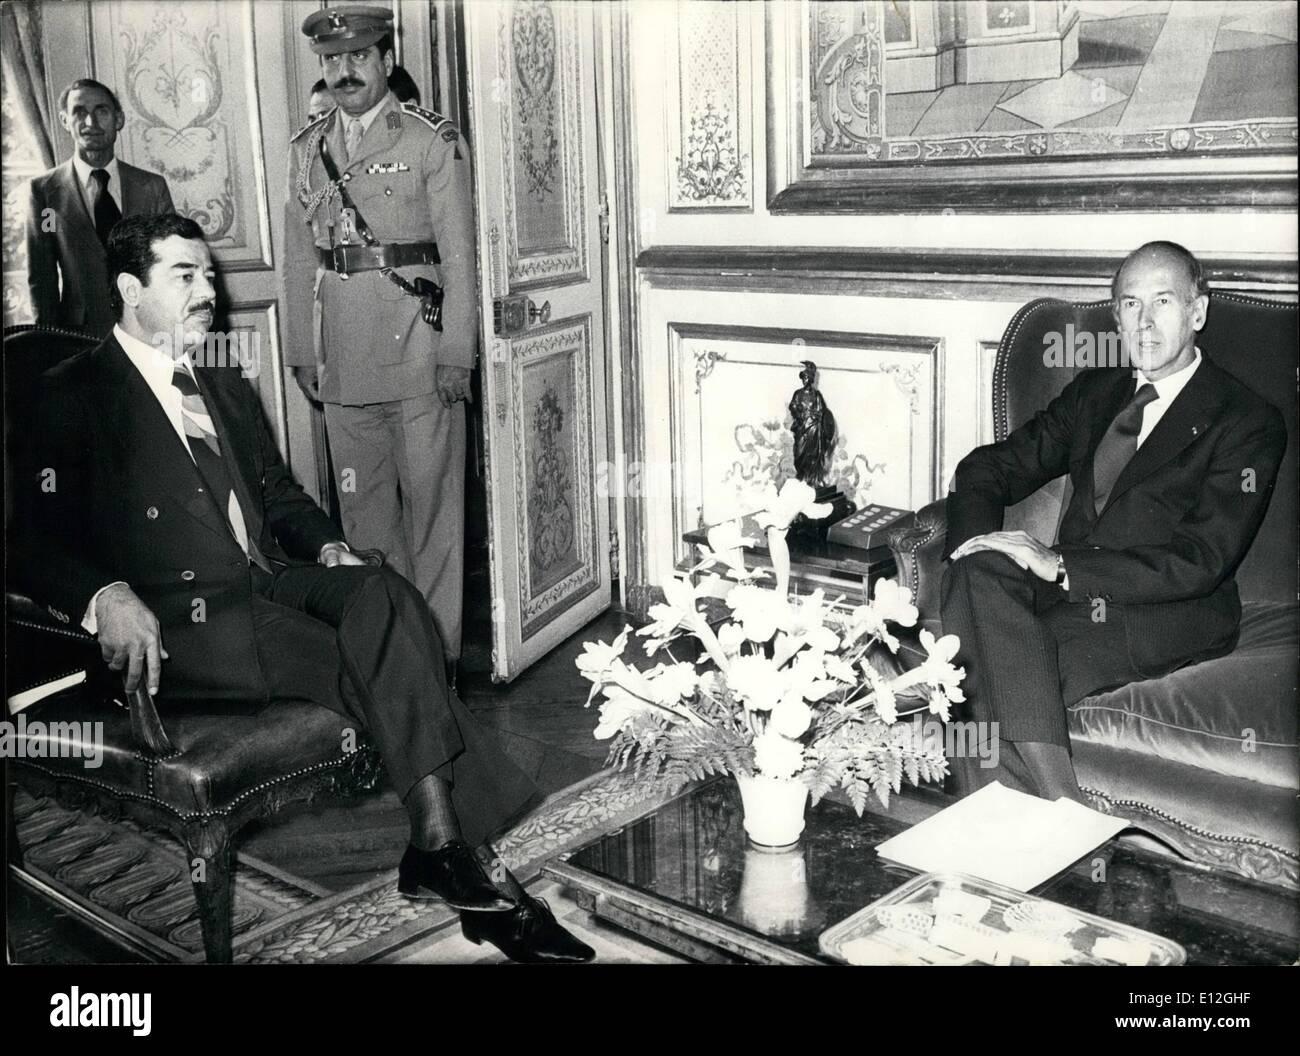 Dec. 26, 2011 - Le Vice President D'Irak A L'Elysee. Le Vice President Irakien, Mr. Saddam Hussein, en visite officielle a Paris, a ete recu ce matin au Palais de L'Elysee par Le President Valery Giscard D'Estaing. NPM: Mr. Saddam Hussein (g) et Mr. Giscard D'Estaing pendant leur entretien a L'Elysee. - Stock Image